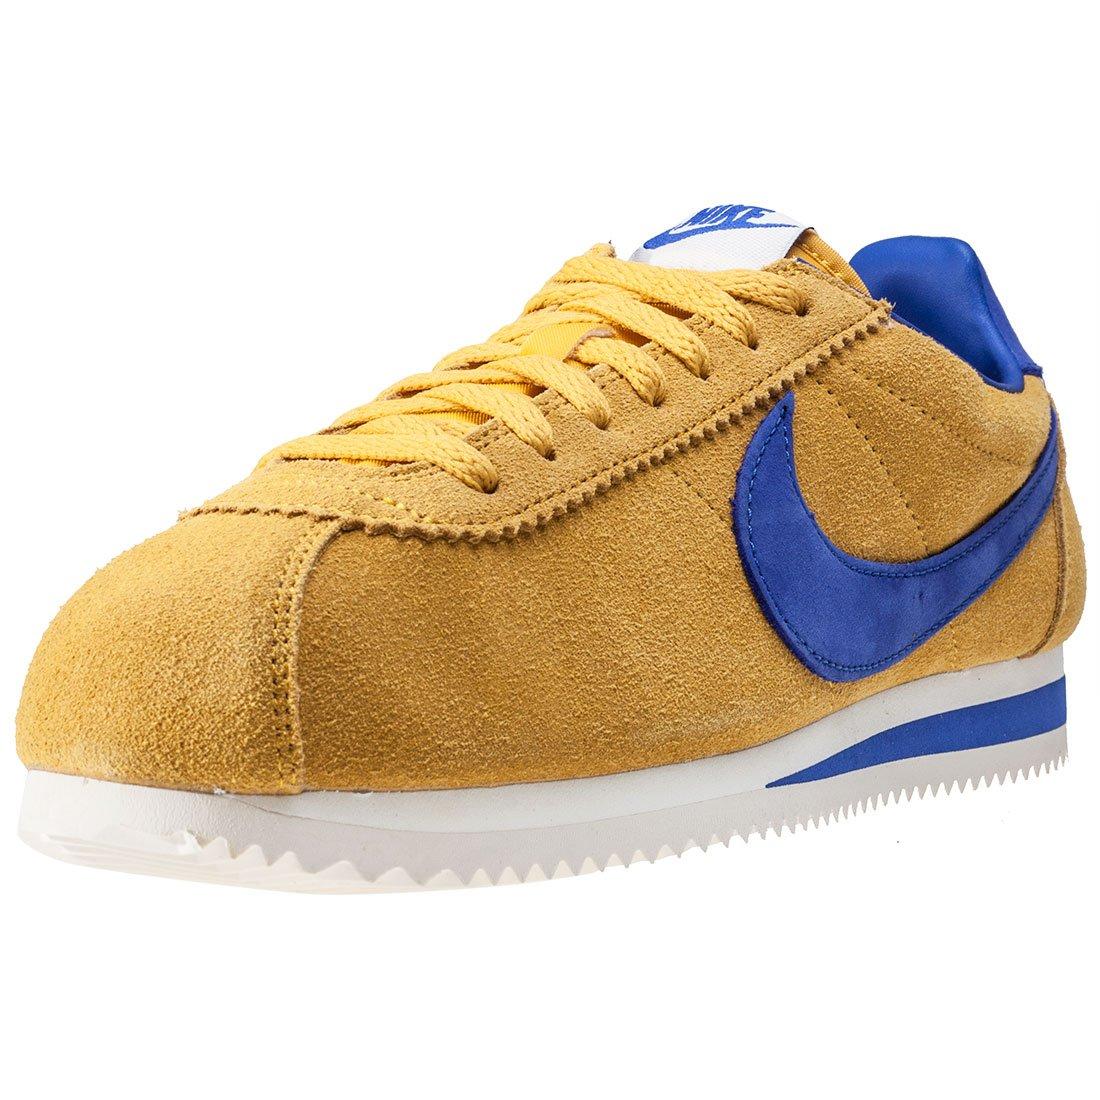 Nike Calzado Deportivo Para Hombre, Color Amarillo, Marca, Modelo Calzado Deportivo Para Hombre Classic Cortez Amarillo 41 EU|Amarillo